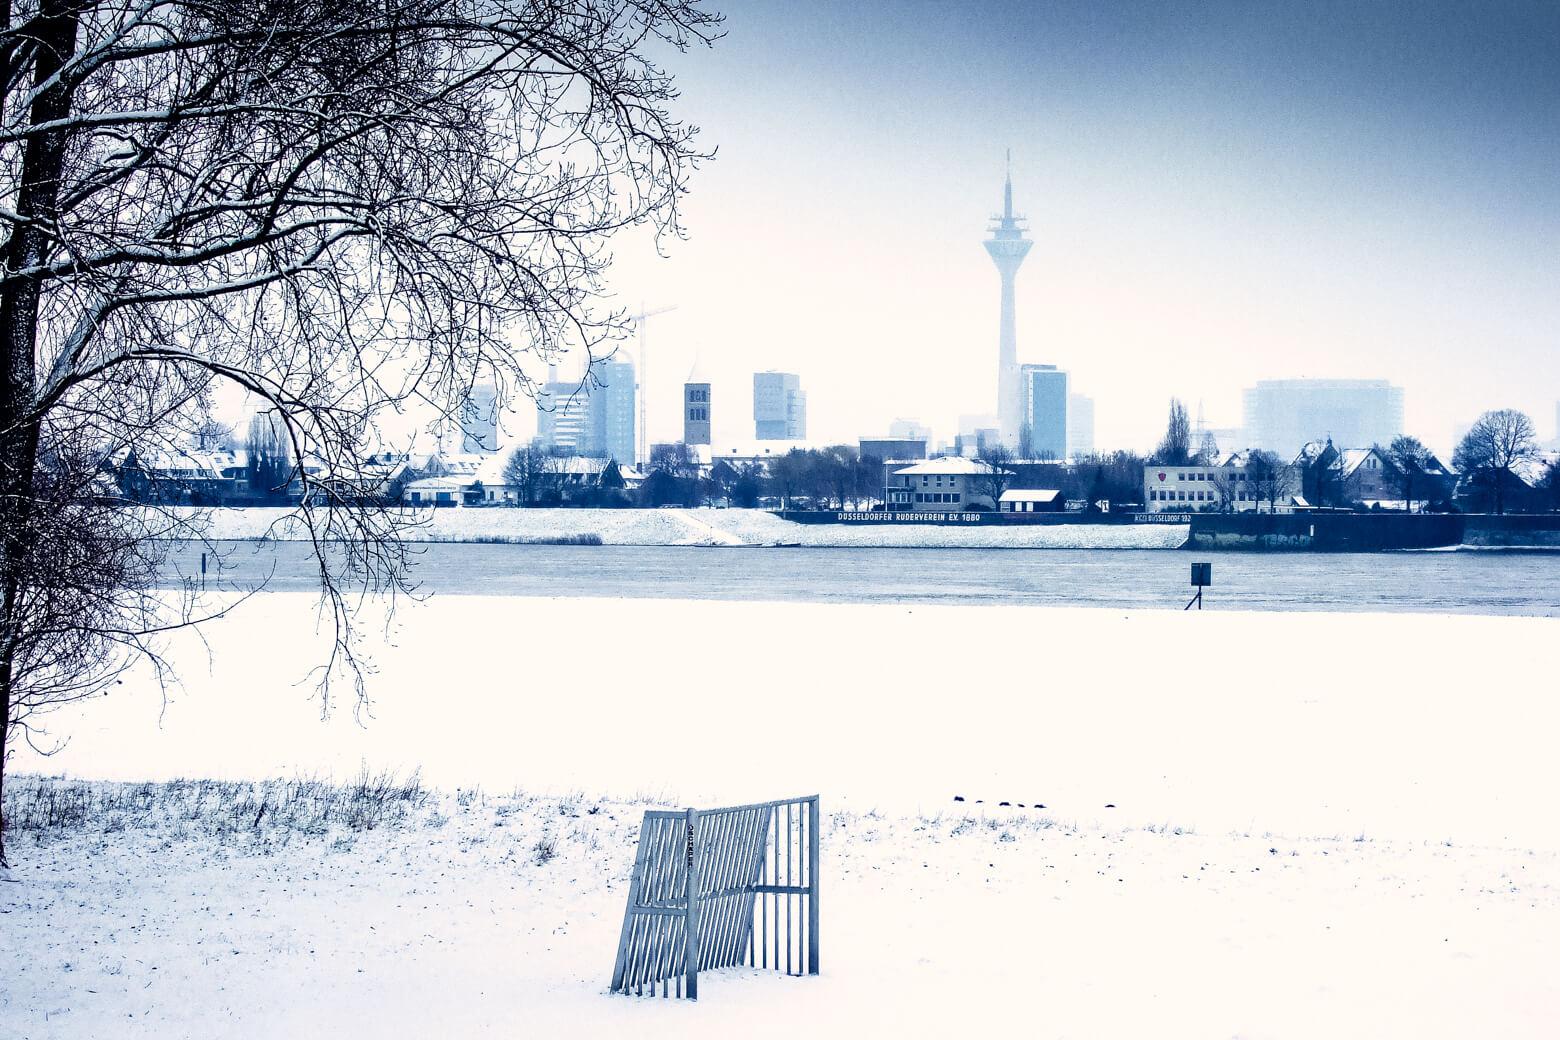 Dusseldorf Germany in Winter